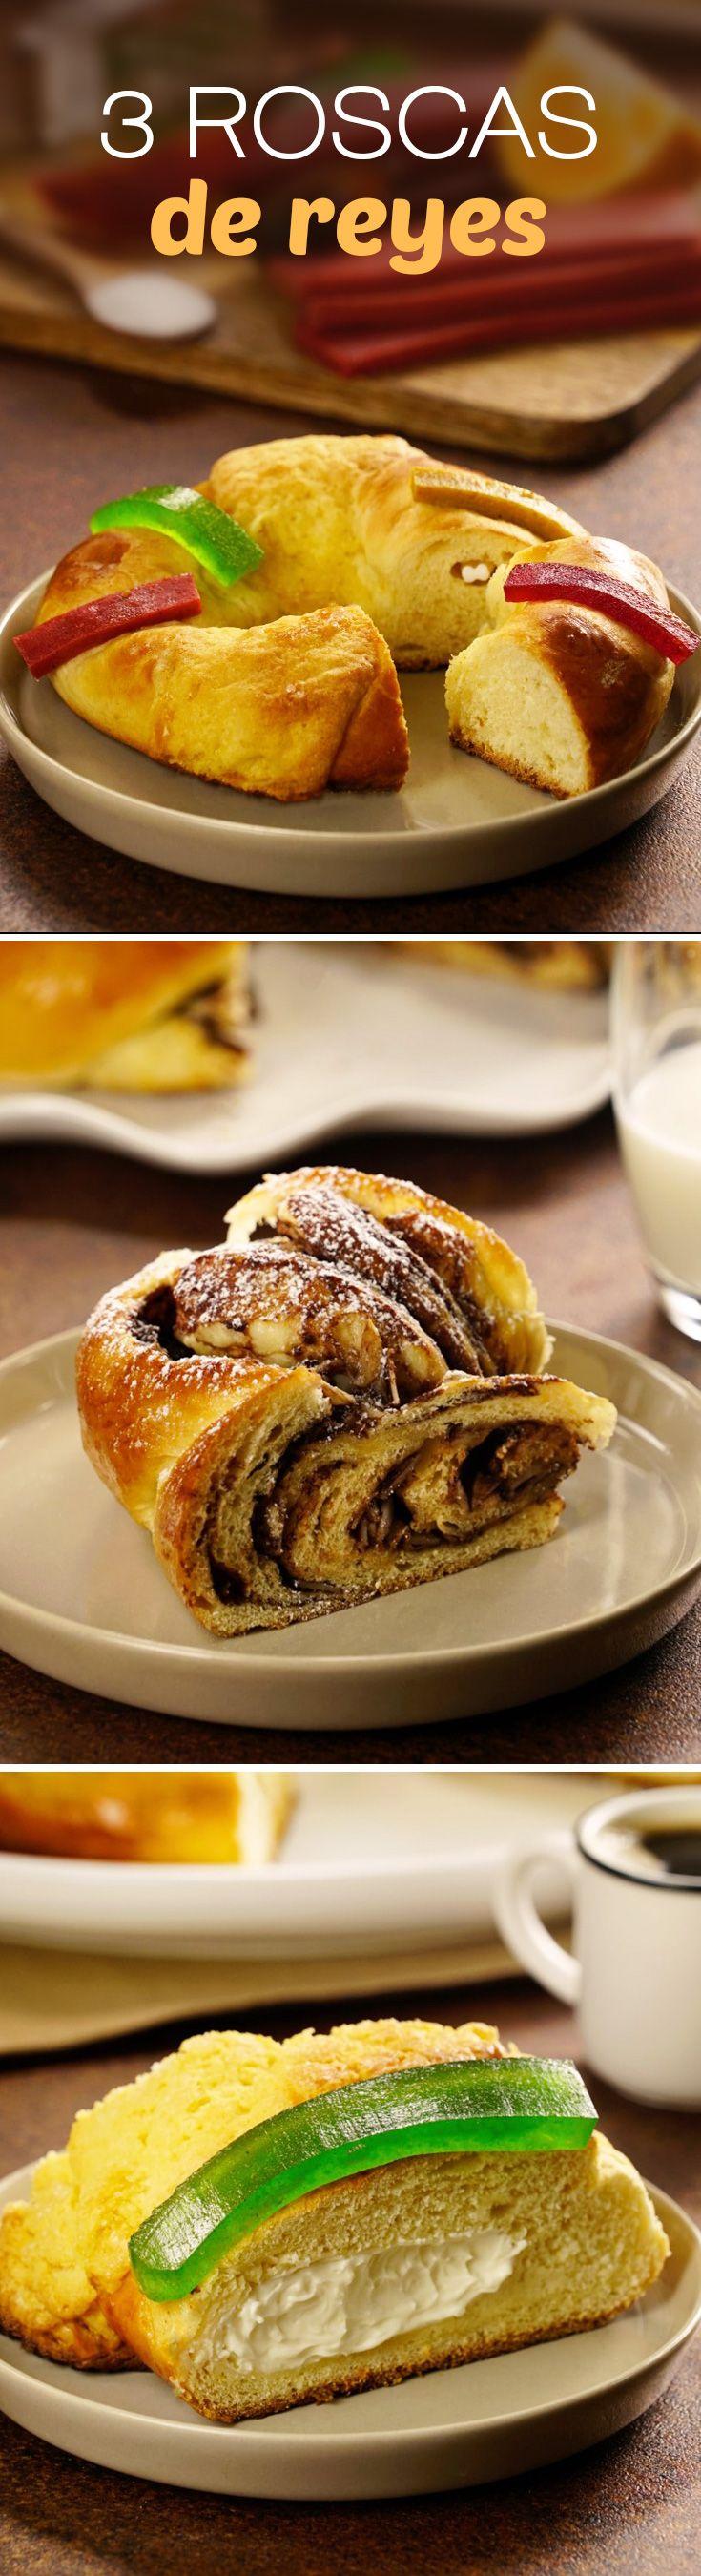 La Rosca de Reyes nunca volverá a ser la misma con estas 3 recetas fáciles: una rosca trenzada rellena de chocolate o que tal unas lindas mini roscas de reyes, pero si te encanta el queso crema, la rosca de tamaño familiar será tu favorita.